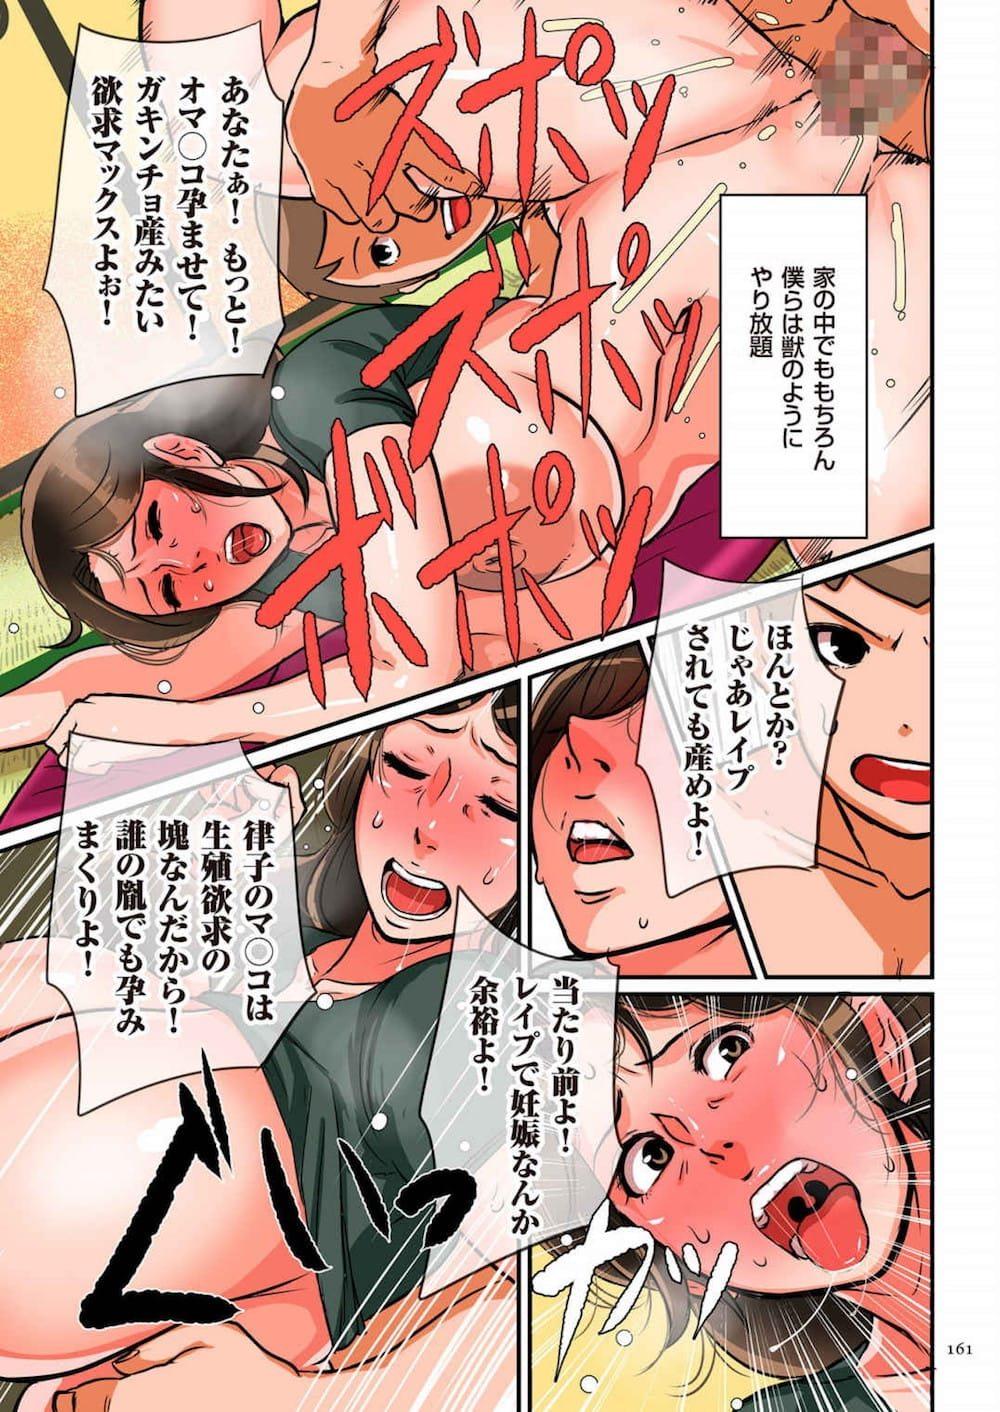 隣のおばさんがからかってきたのでほんとに種付けセックスしたったwww【エロ漫画・同人誌】 033